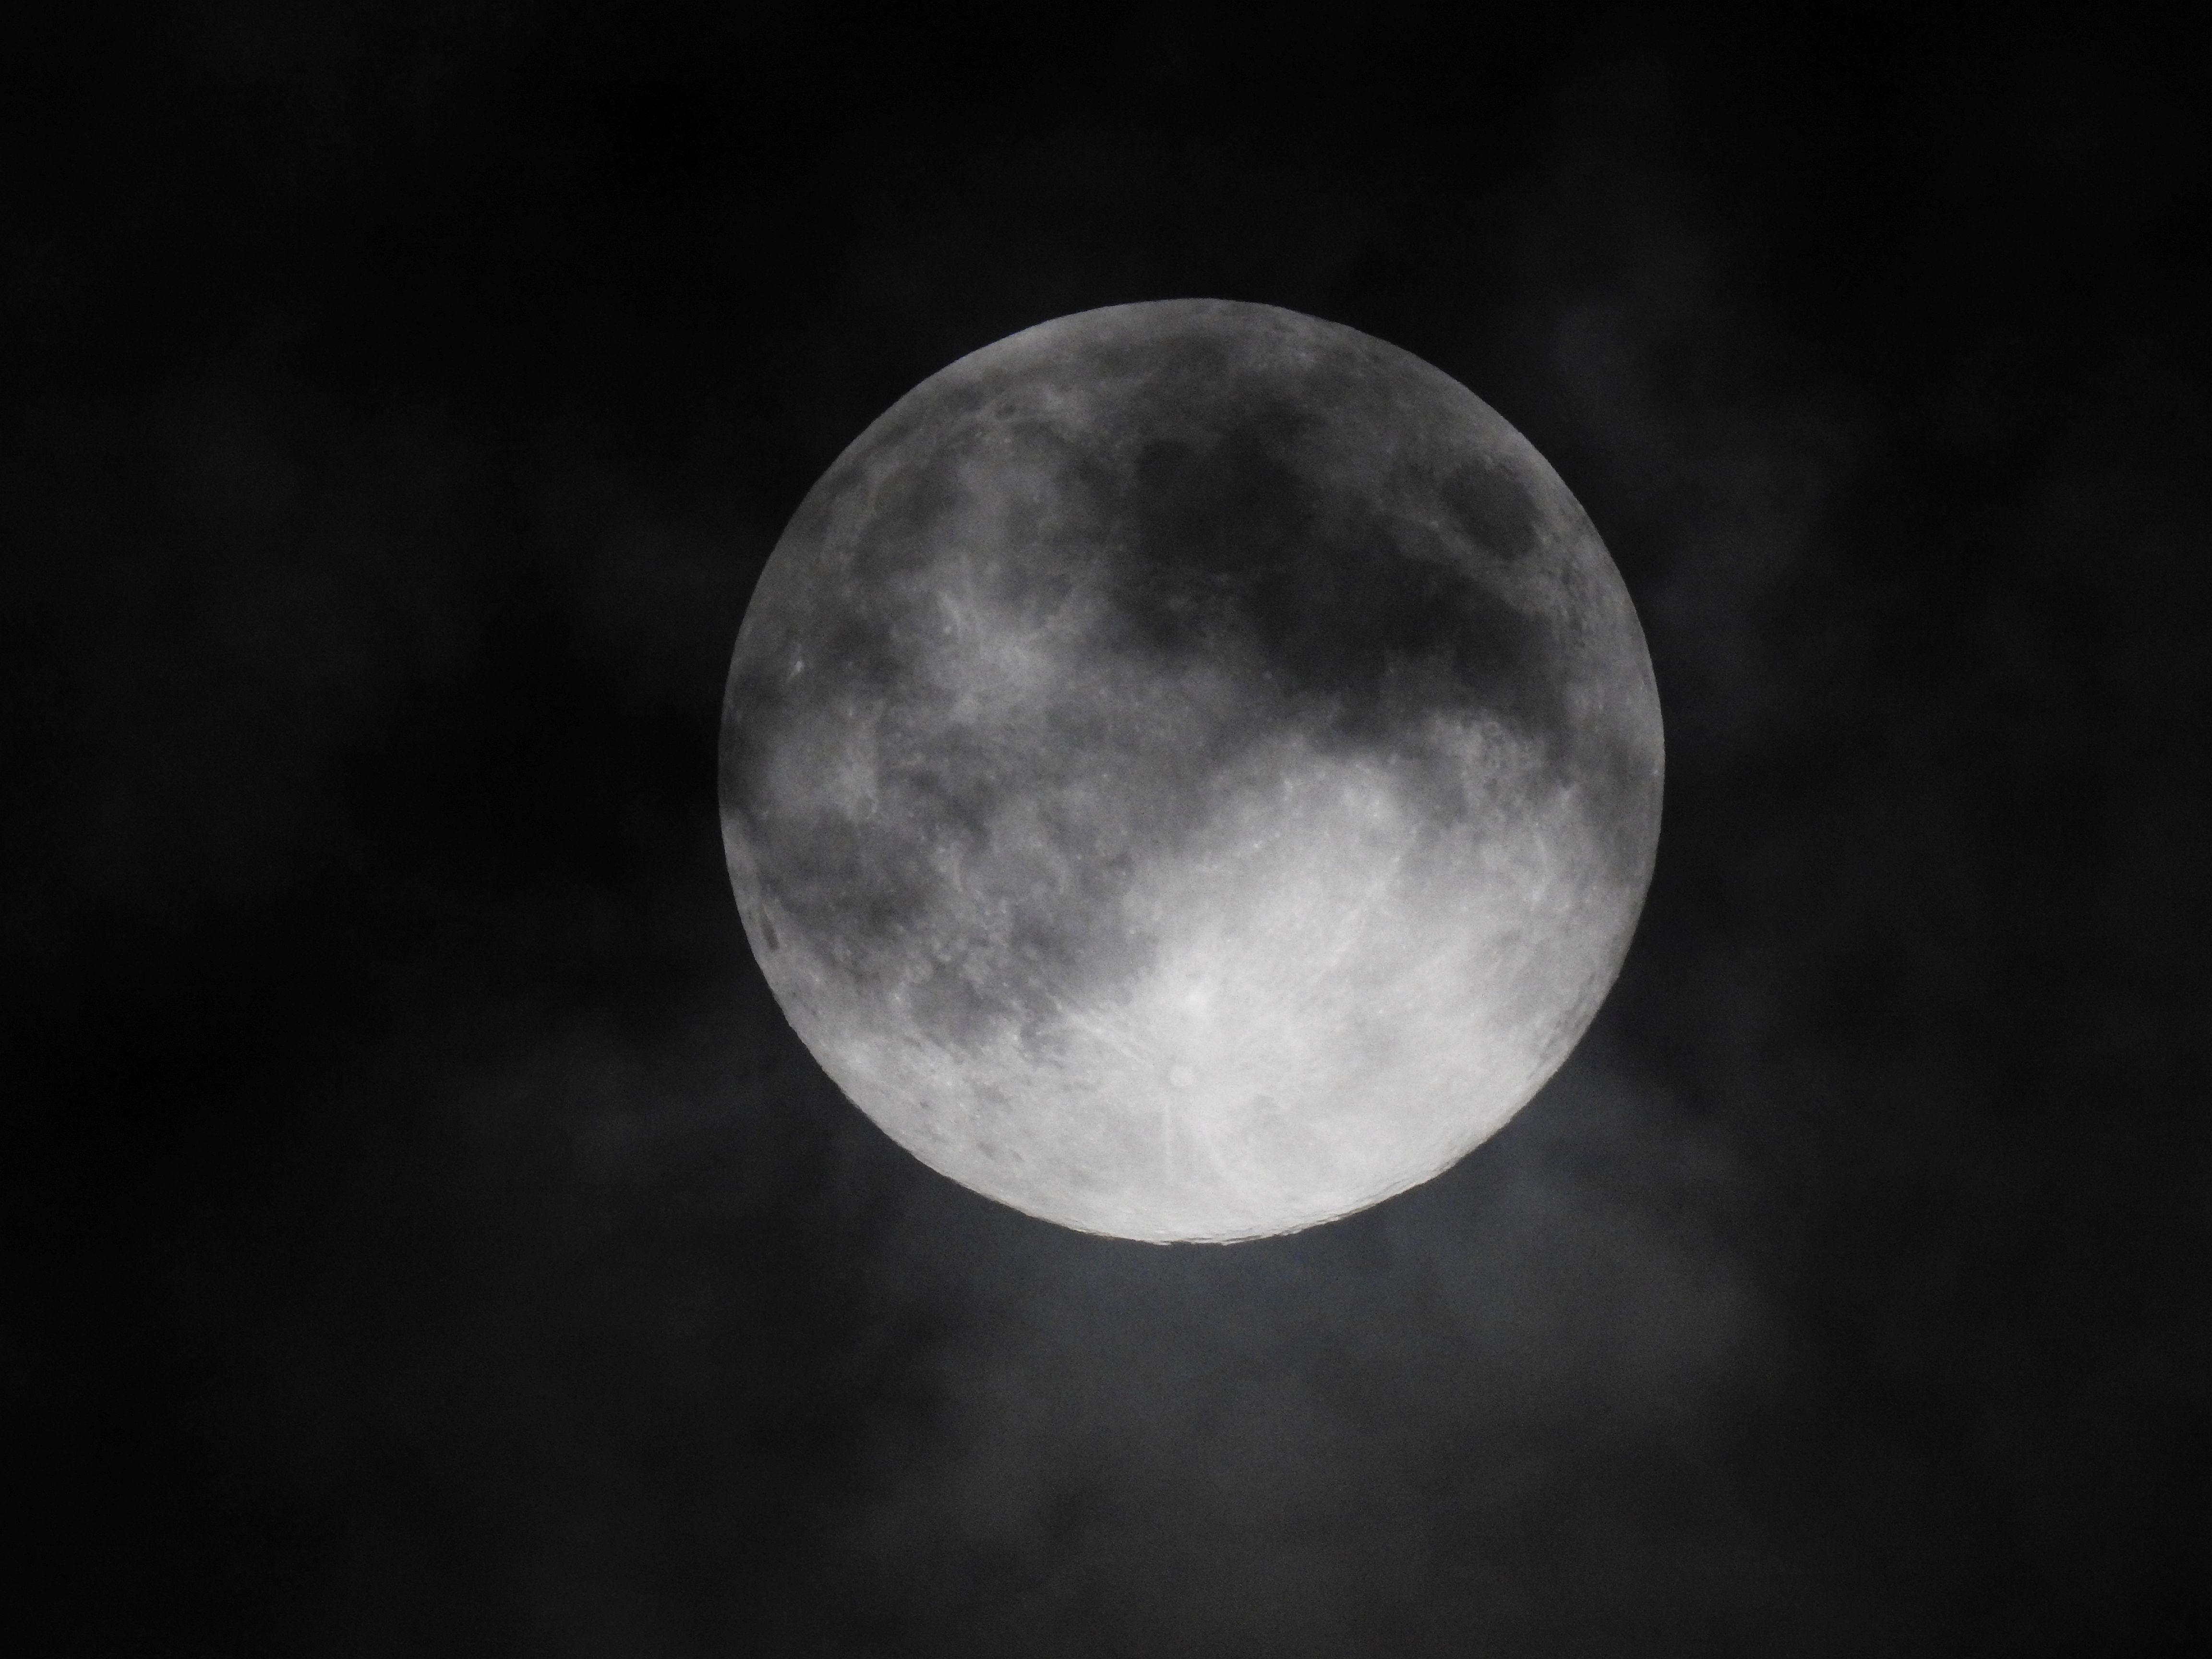 Płaska Ziemia, czemu nie płaski Księżyc?